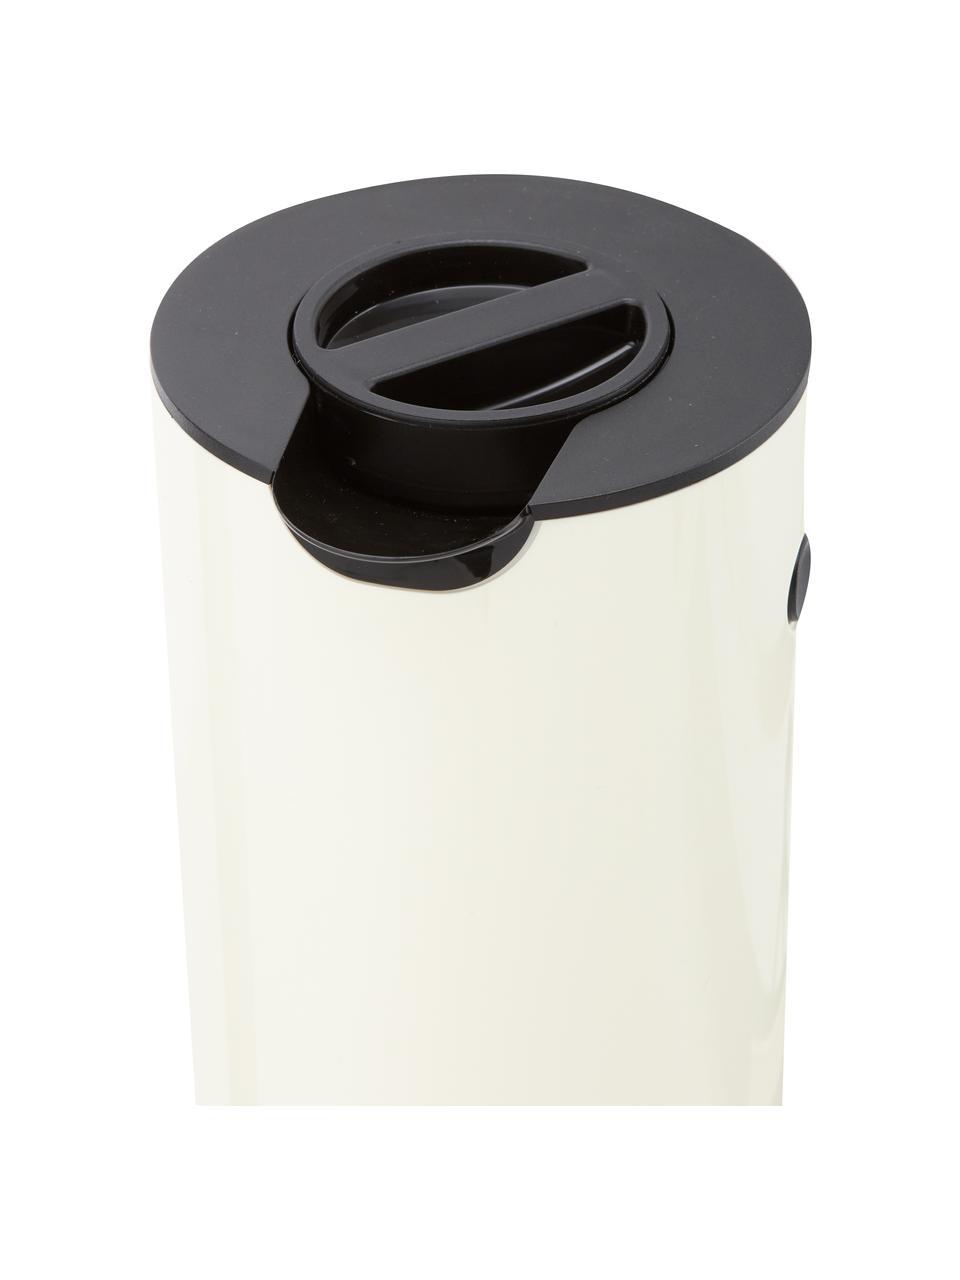 Isolierkanne EM77 in Cremeweiß glänzend, 1 L, ABS-Kunststoff, im Inneren mit Glaseinsatz, Cremeweiß, glänzend, 1 L